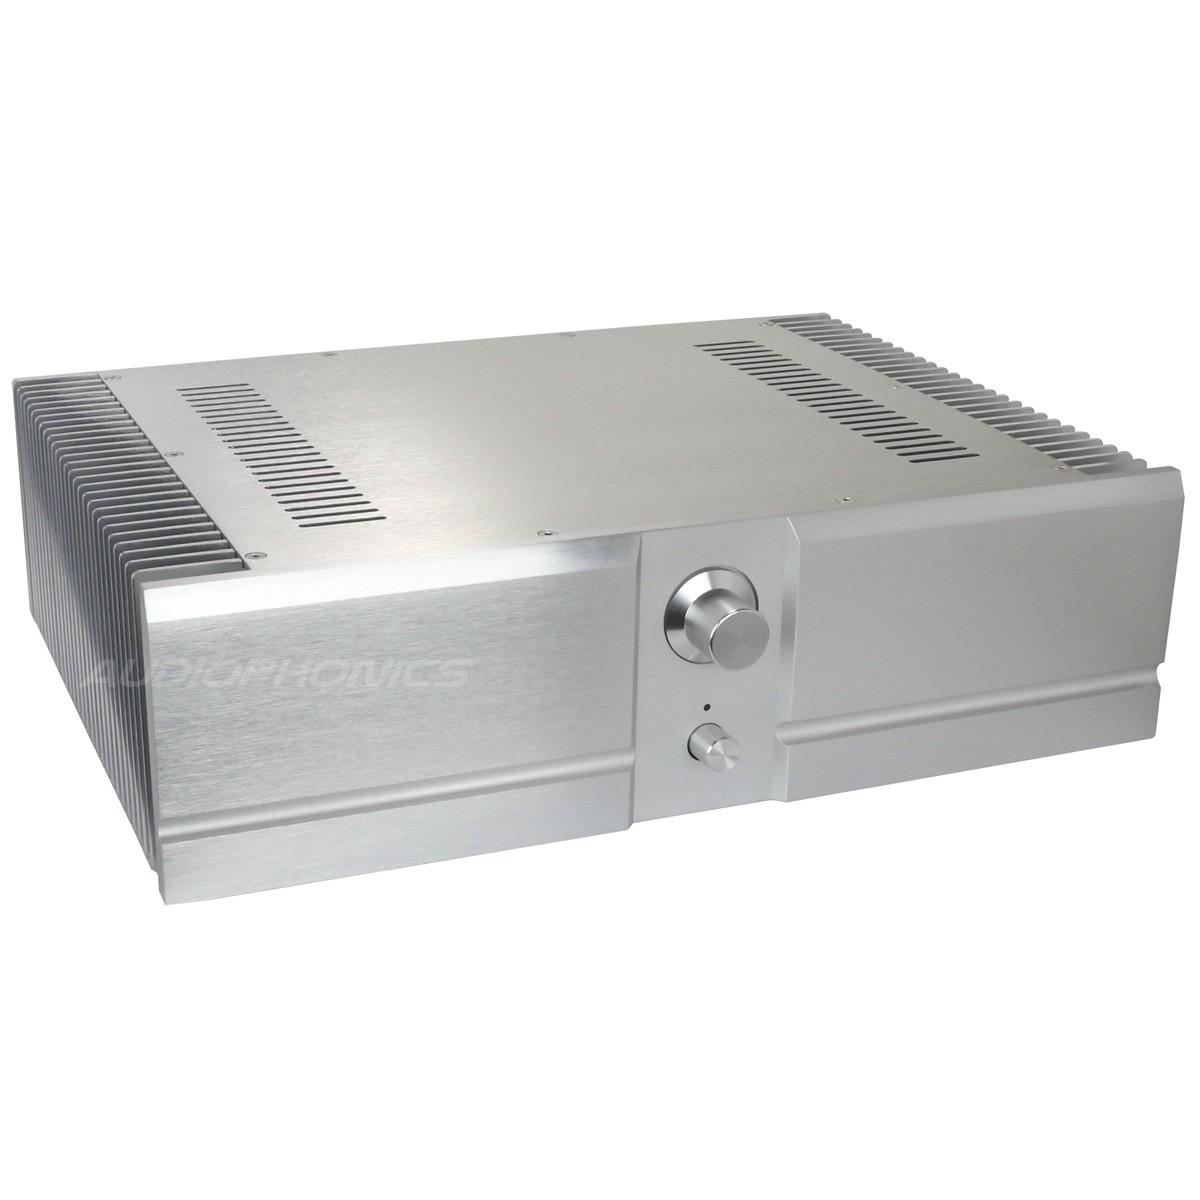 Boitier DIY 100% Aluminium pour amplificateur prépercé 439x307x119mm Argent